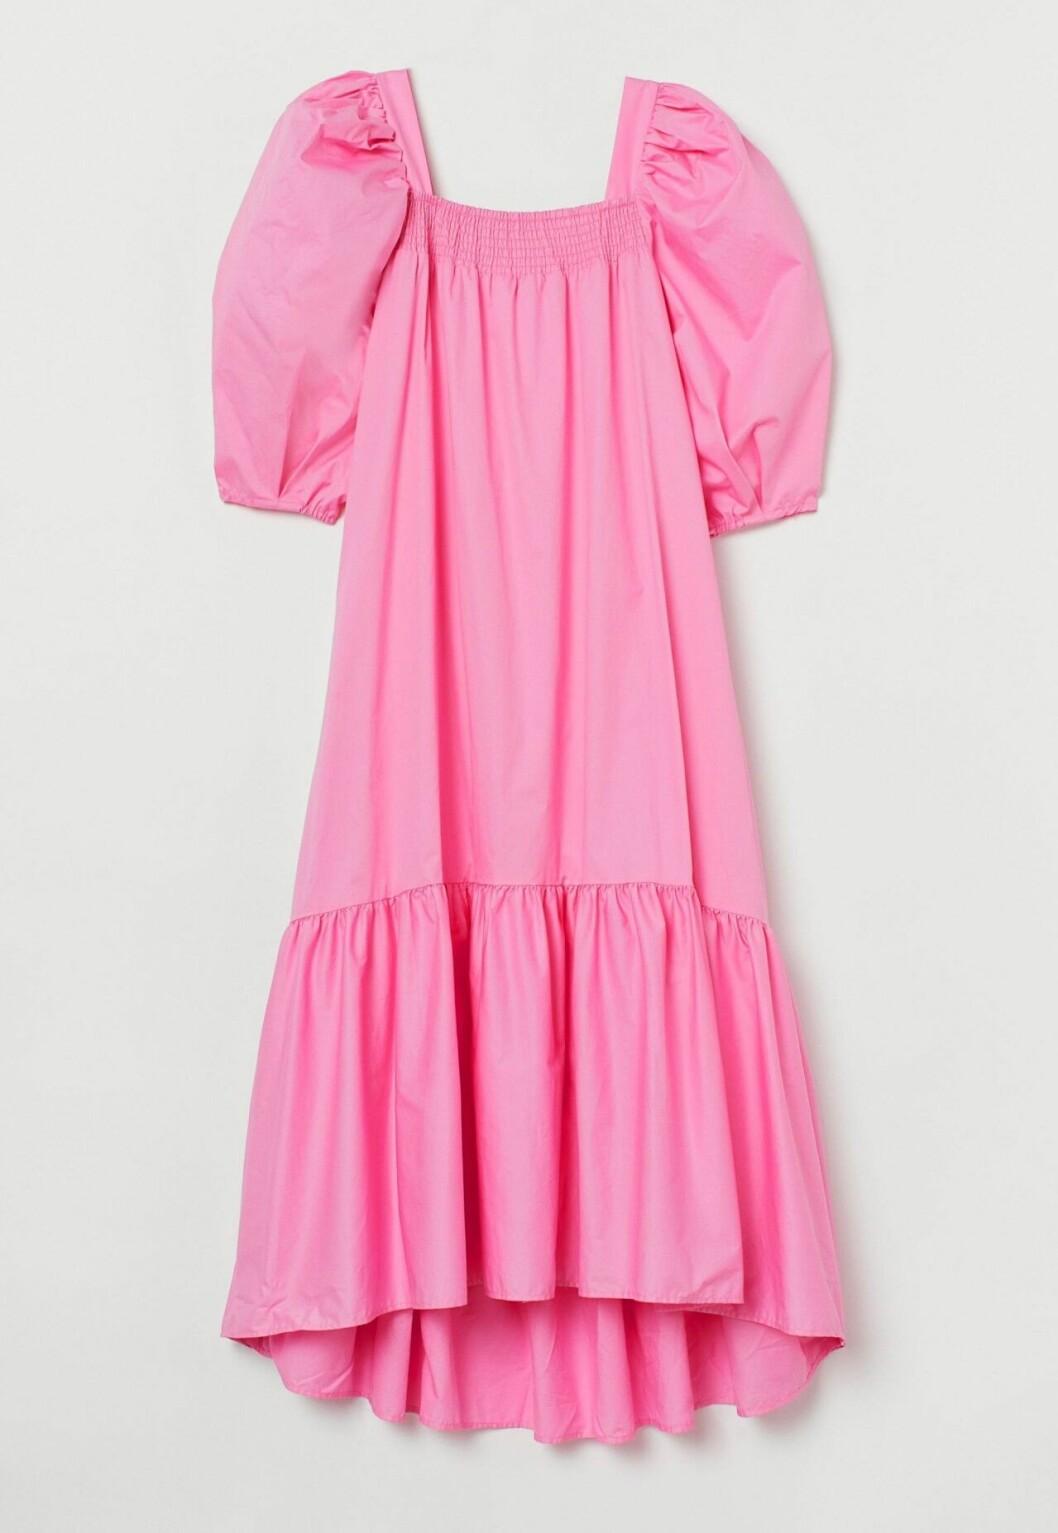 Rosa klänning från H&M som syns överallt på Instagram